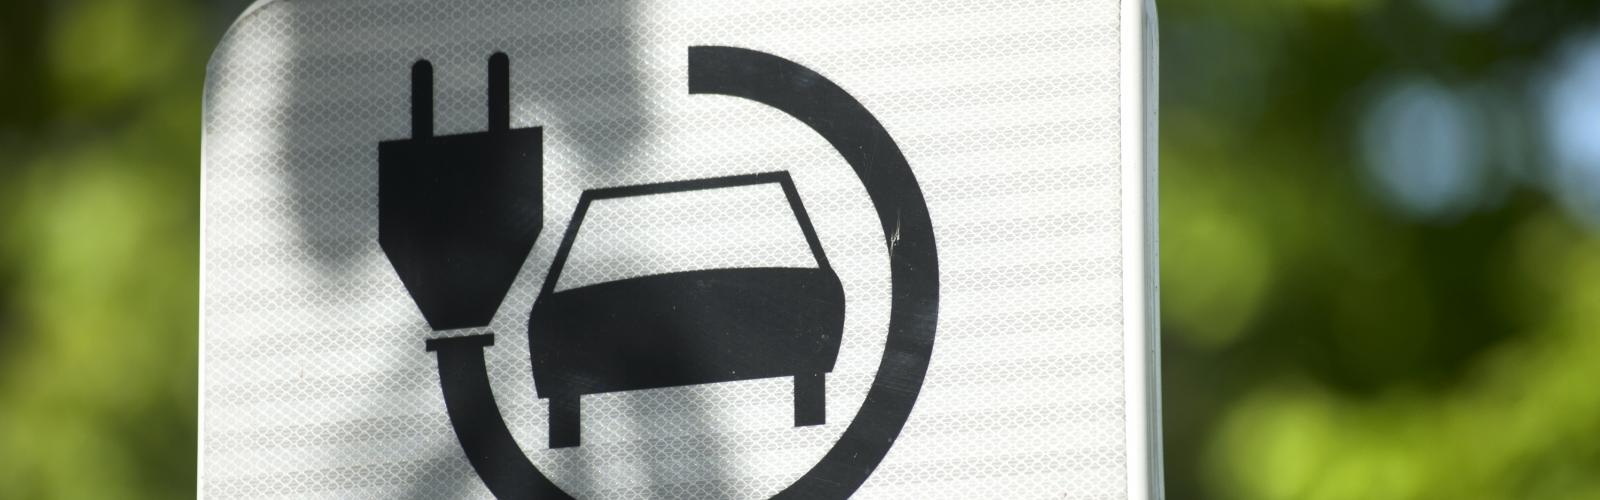 Aanduiding van oplaadplaats voor elektrische auto's